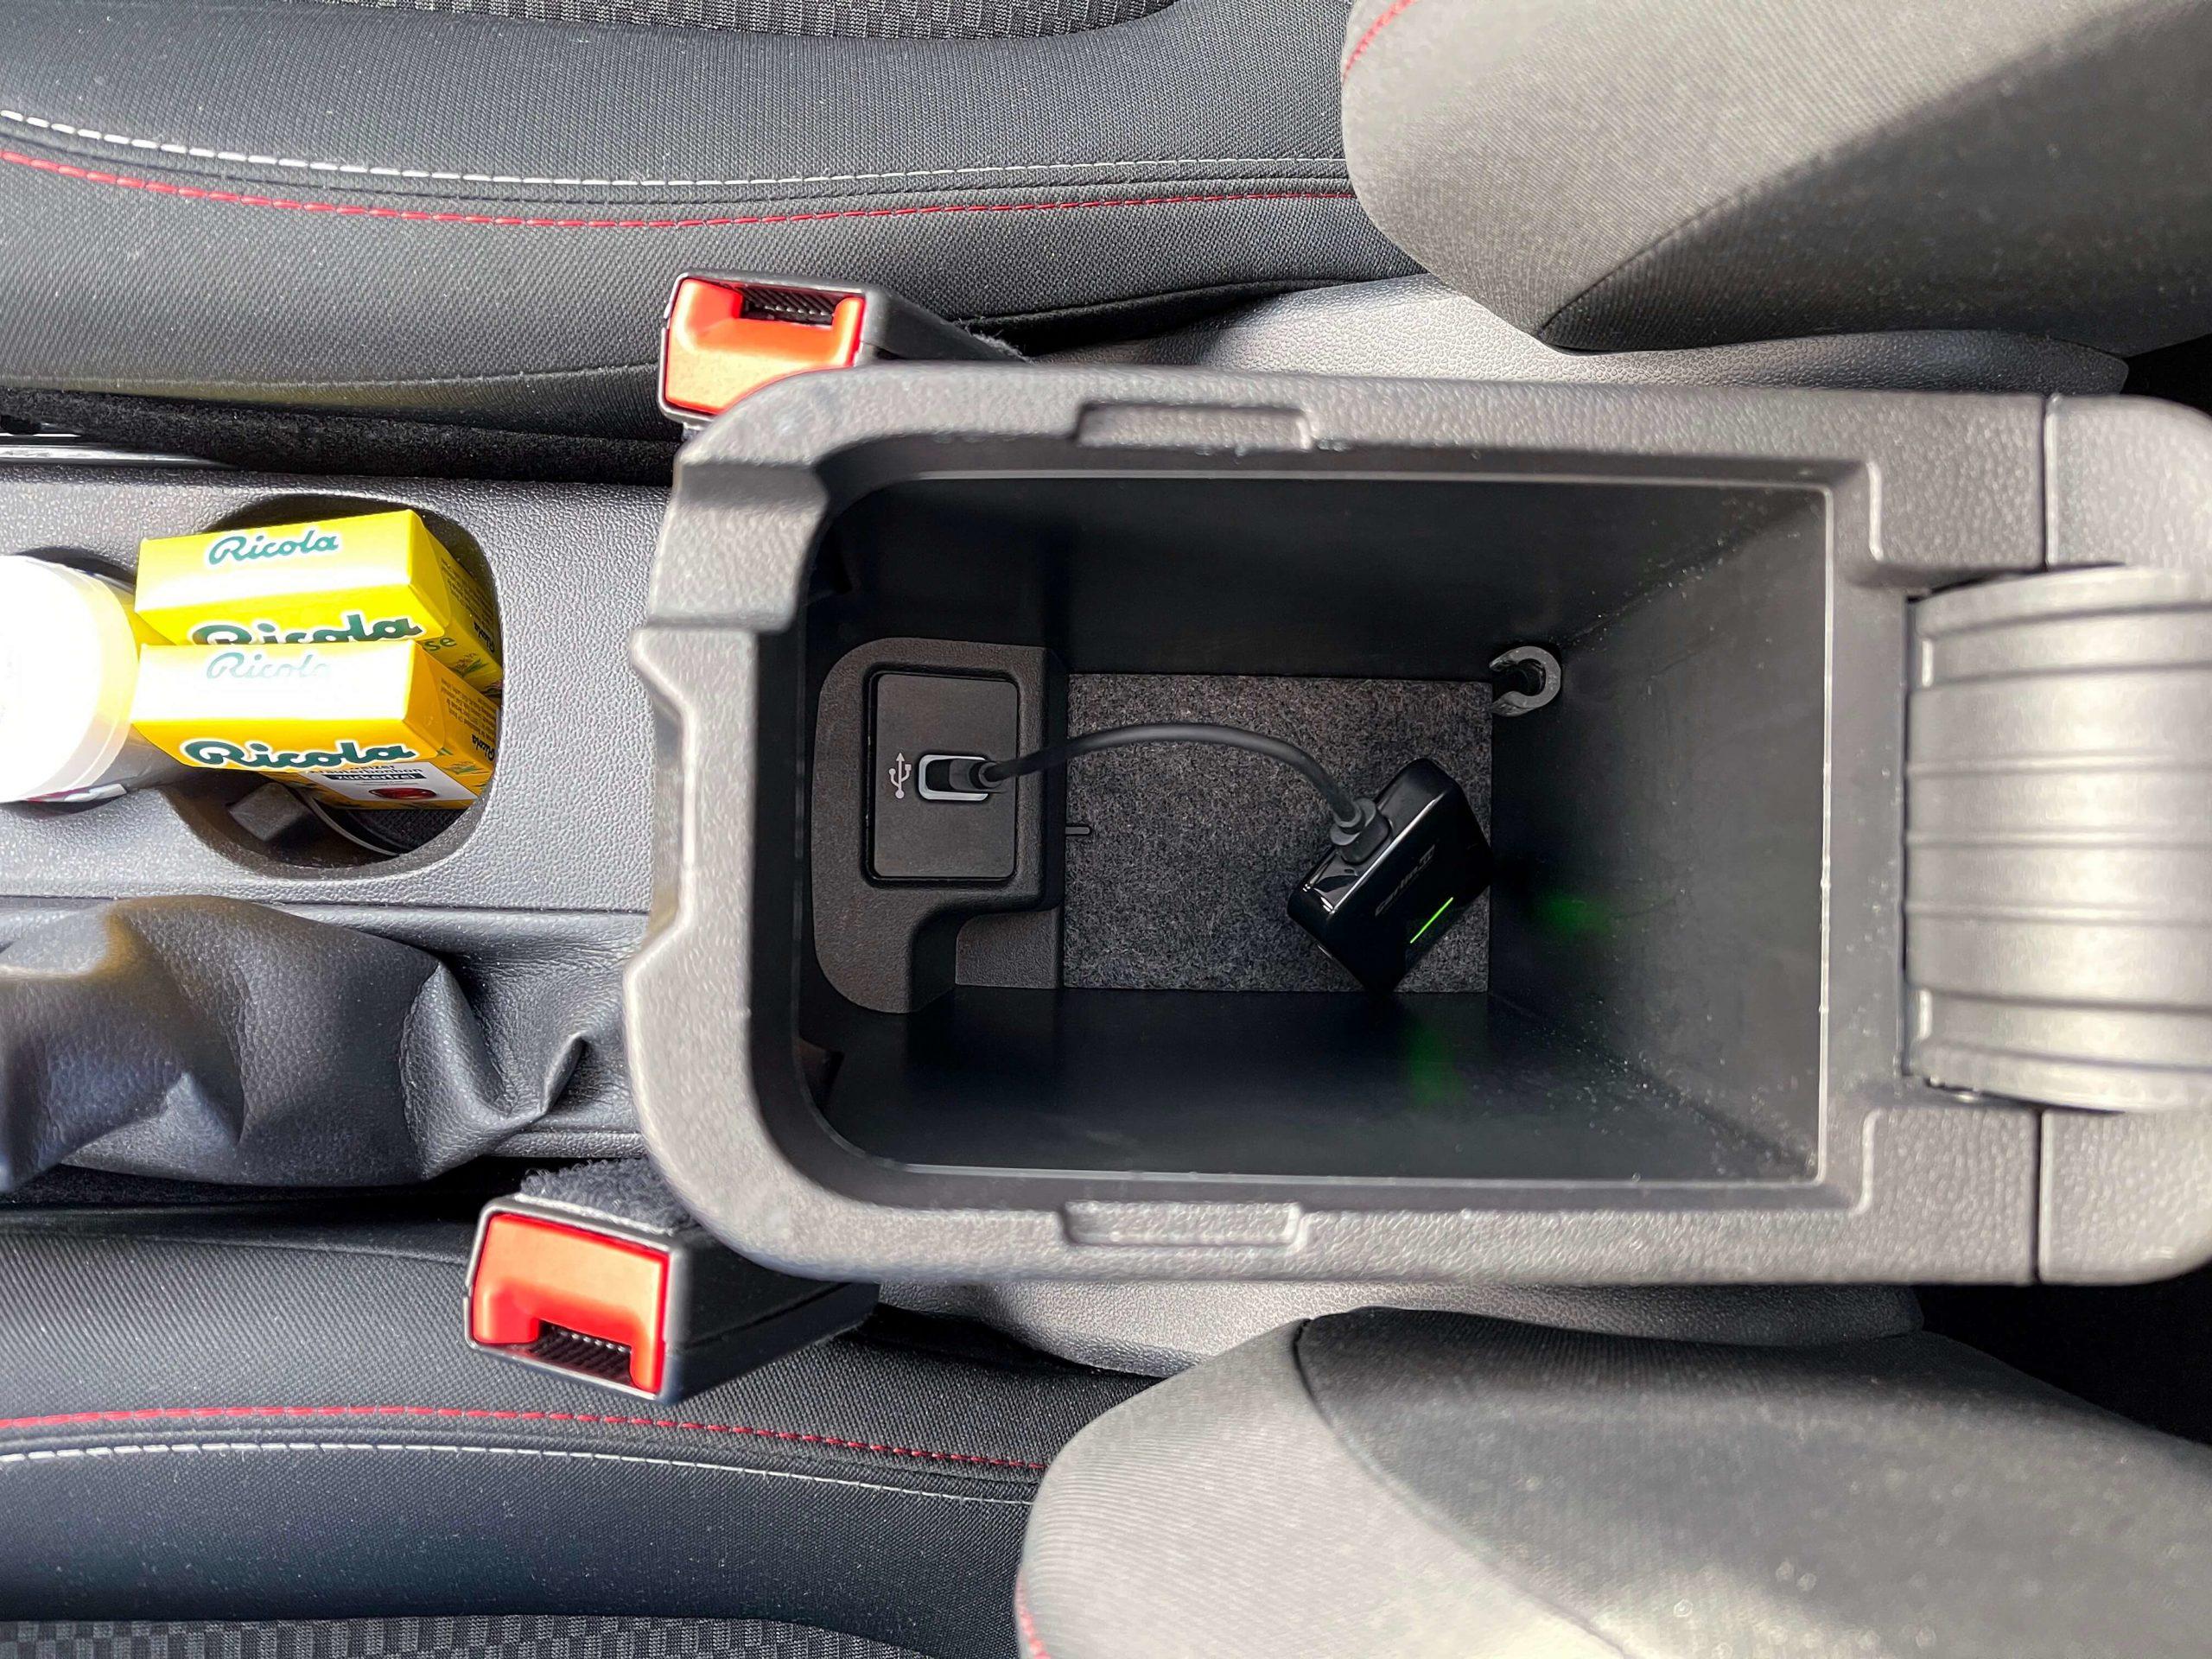 Wireless-CarPlay-Adapter-2.0-von-Carlinkit-–-vorhandenes-Apple-CarPlay-kabellos-machen3-scaled Wireless CarPlay Adapter 2.0 von Carlinkit – vorhandenes Apple CarPlay kabellos machen